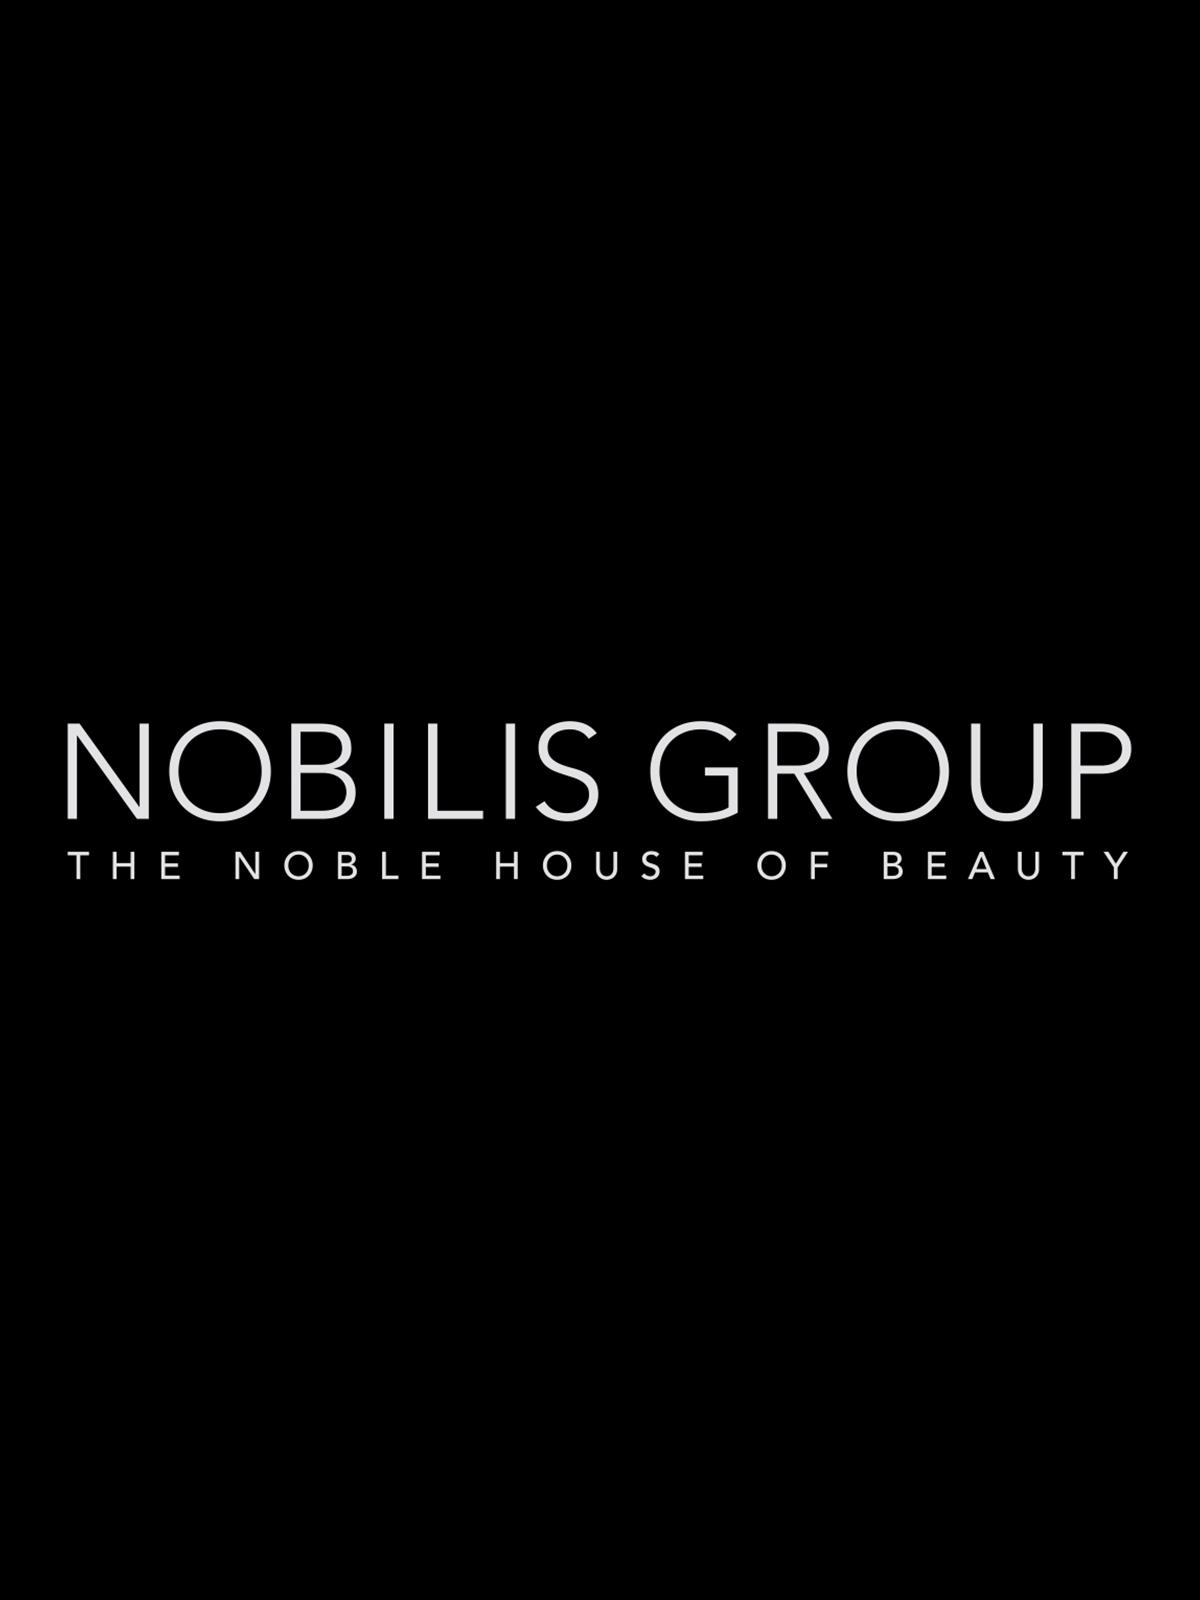 Dies ist ein Bild der Nobilis Group